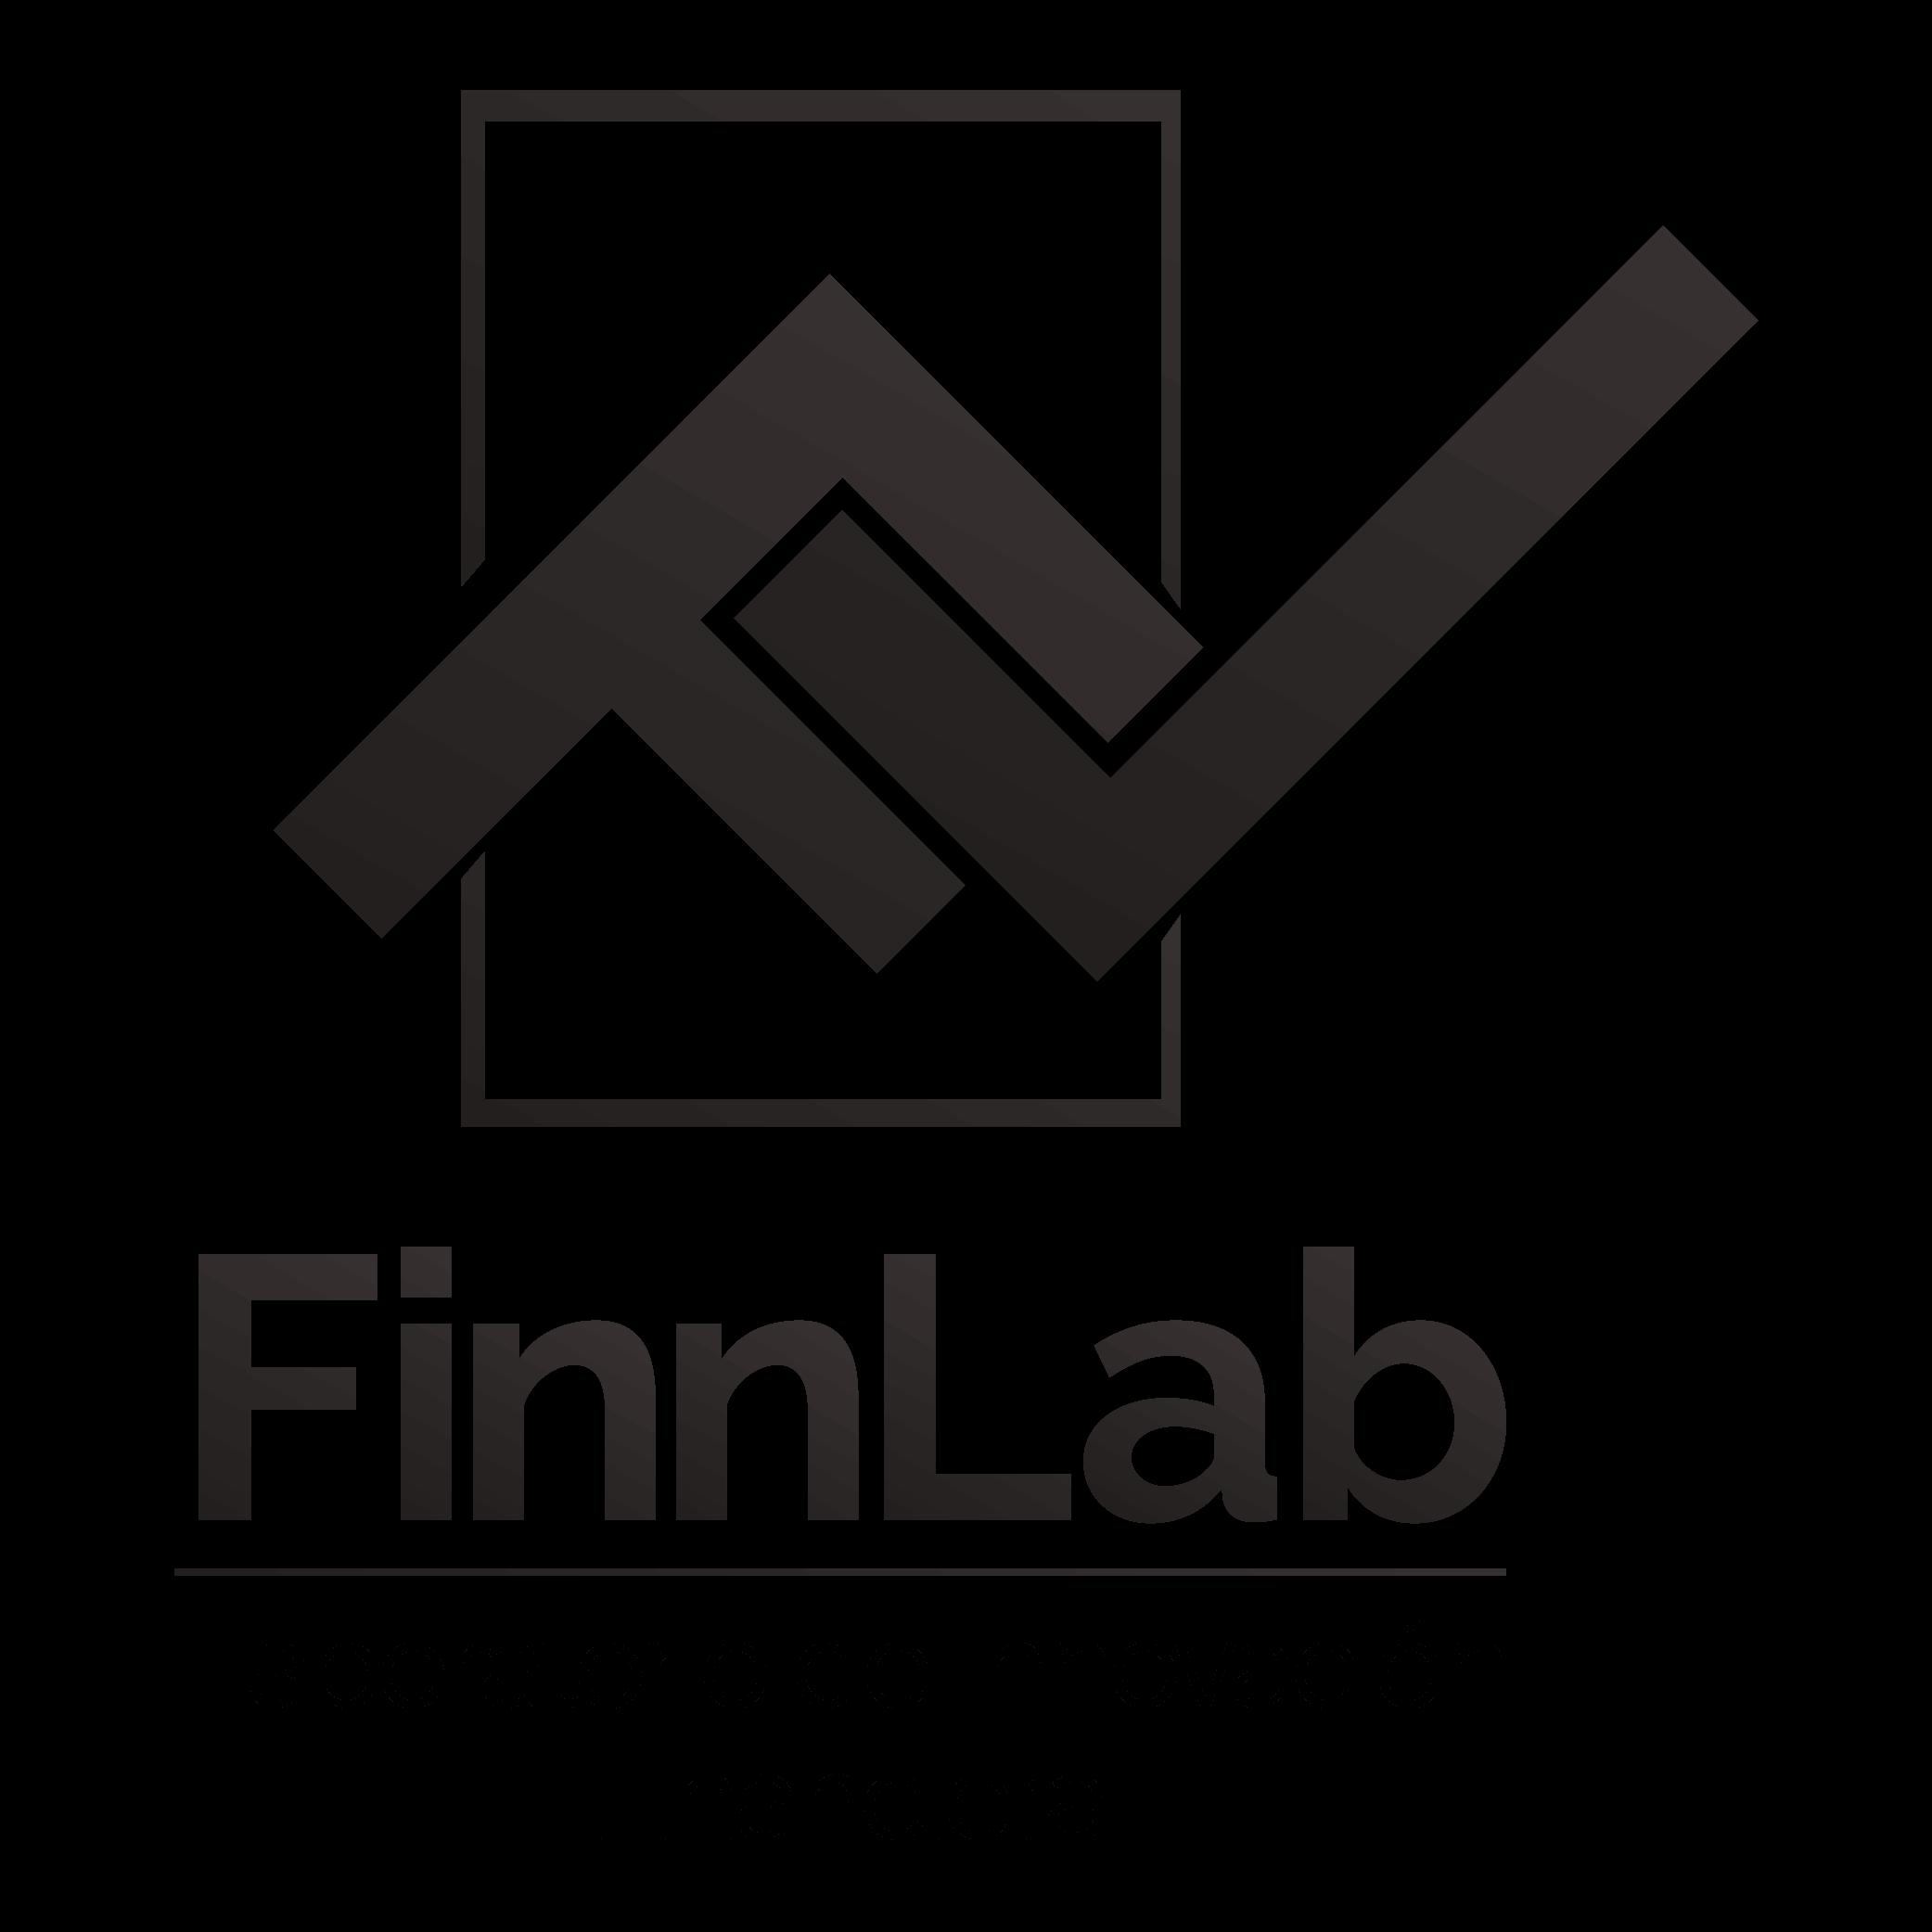 FinnLab